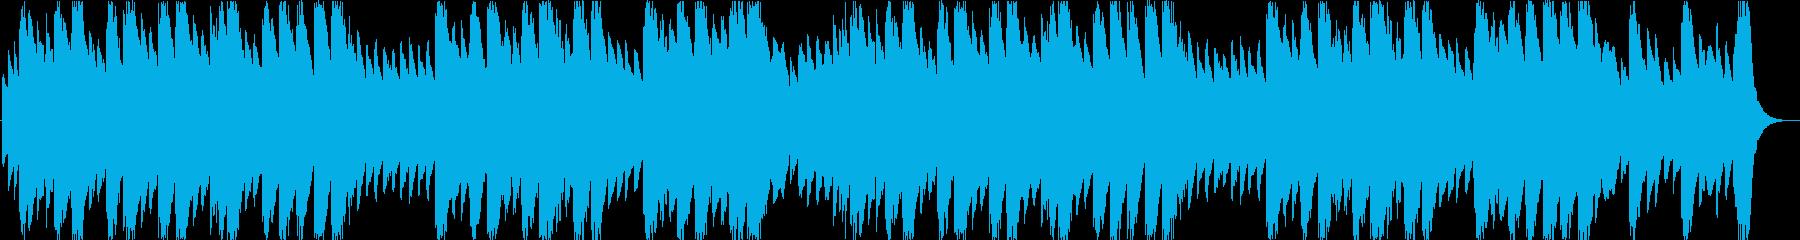 満点の星を眺めているイメージのオルゴールの再生済みの波形